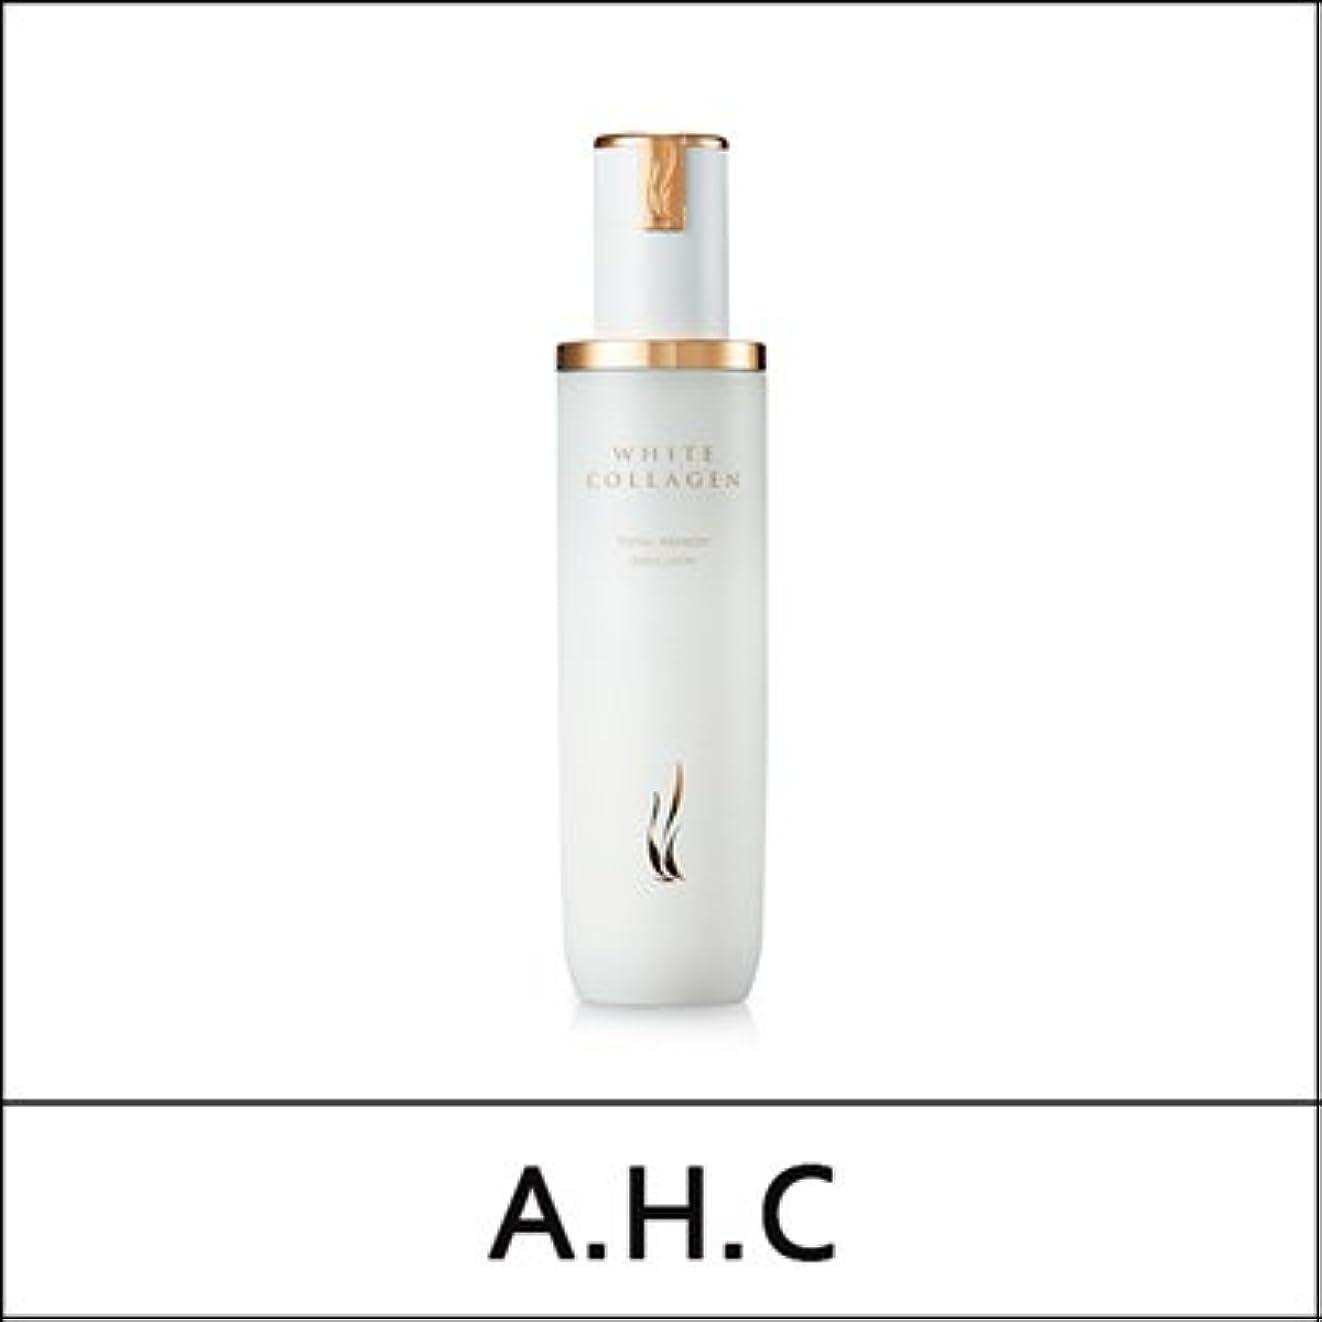 致命的秋滑りやすいA.H.C (AHC) White Collagen Total Remedy Emulsion 130ml/A.H.C ホワイト コラーゲン トータル レミディ エマルジョン 130ml [並行輸入品]